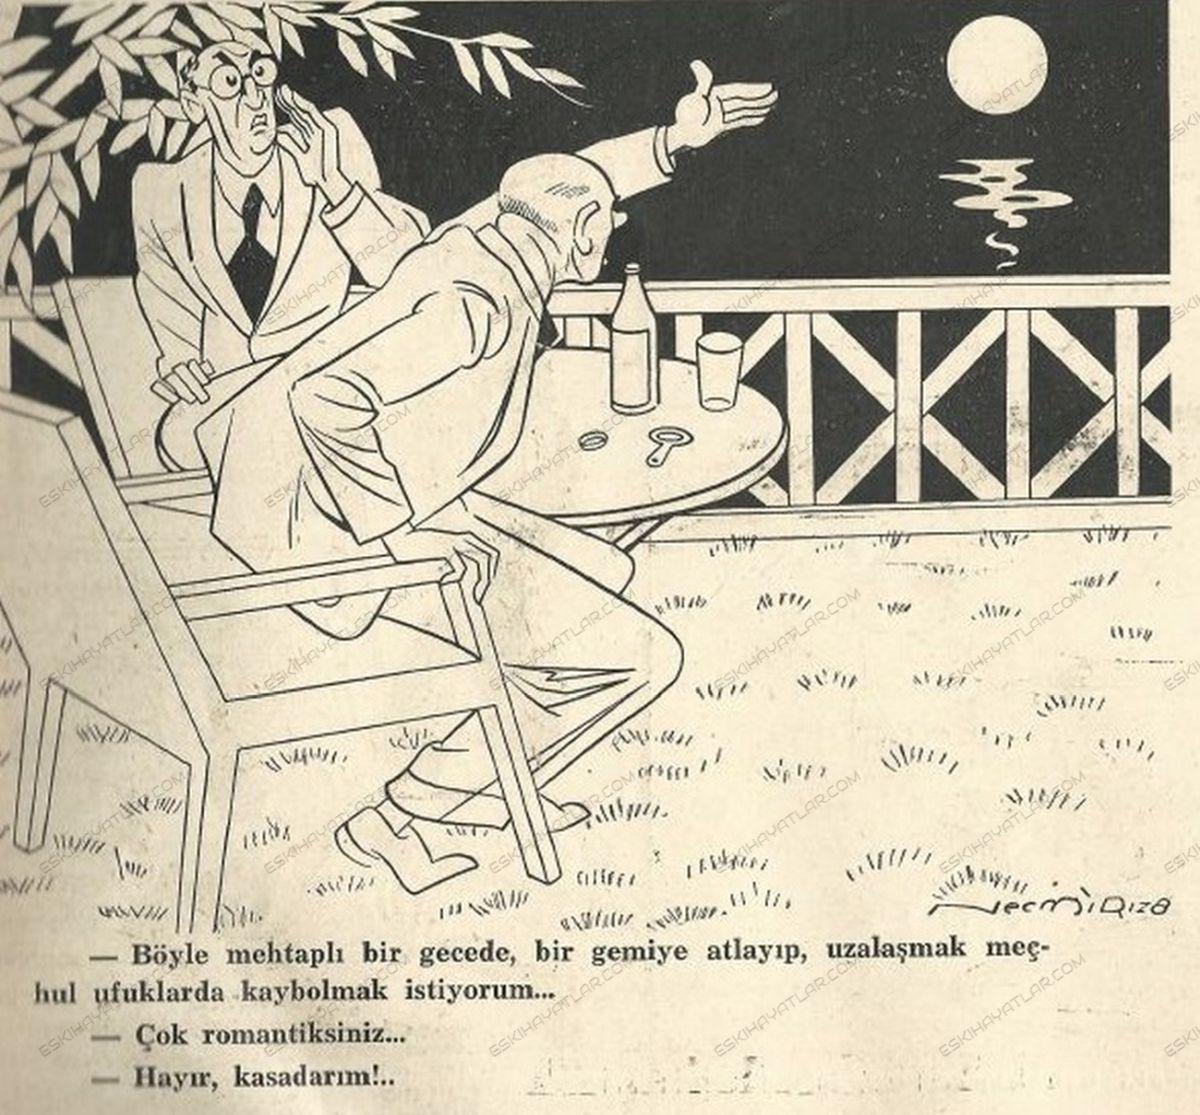 0225-akbaba-dergisi-1938-dersim-olaylari-necmi-riza-karikaturleri-deniz-ve-mehtap